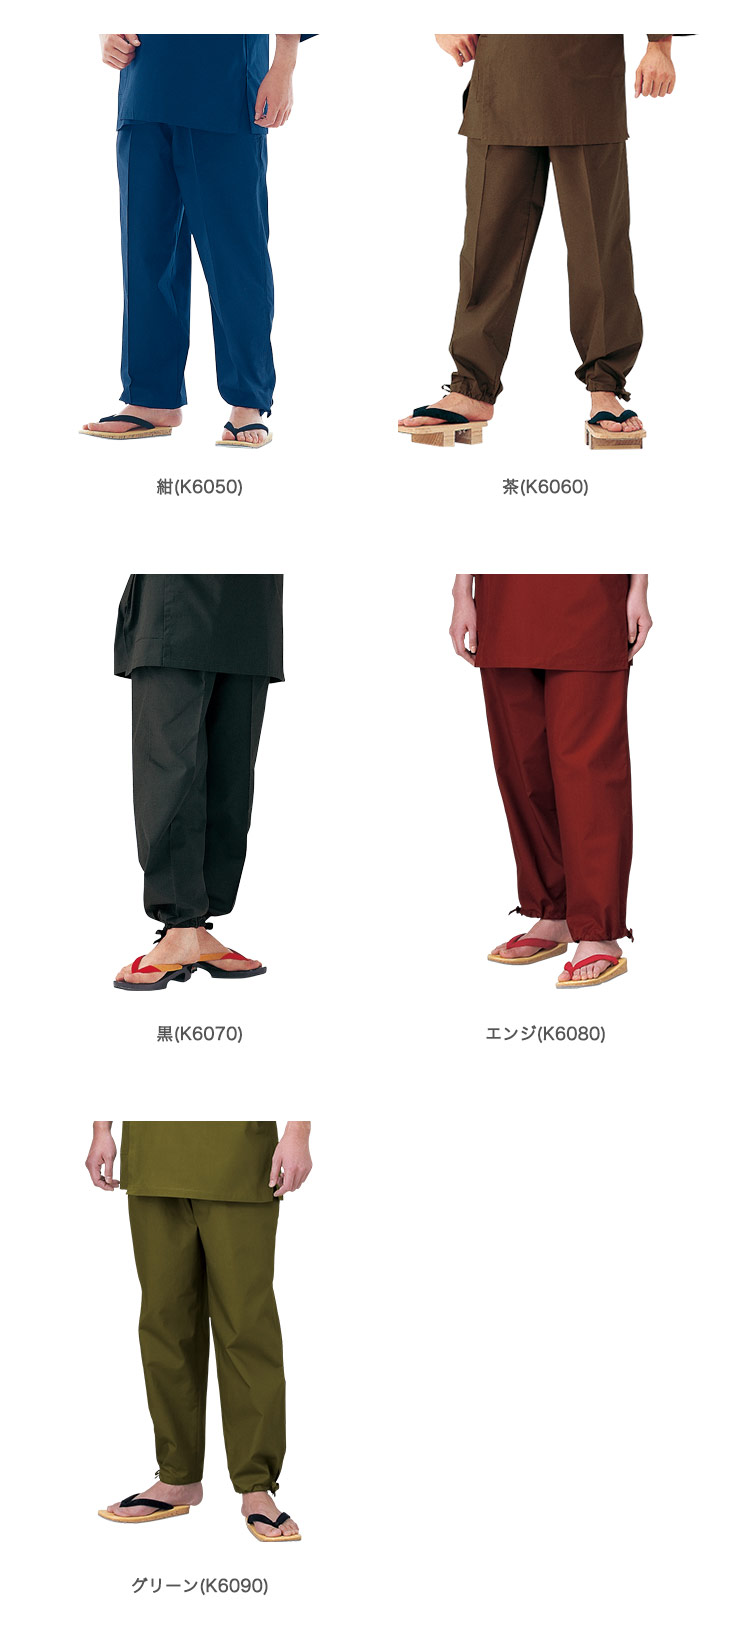 作務衣寂光下衣(75-K6050)のカラーバリエーション画像